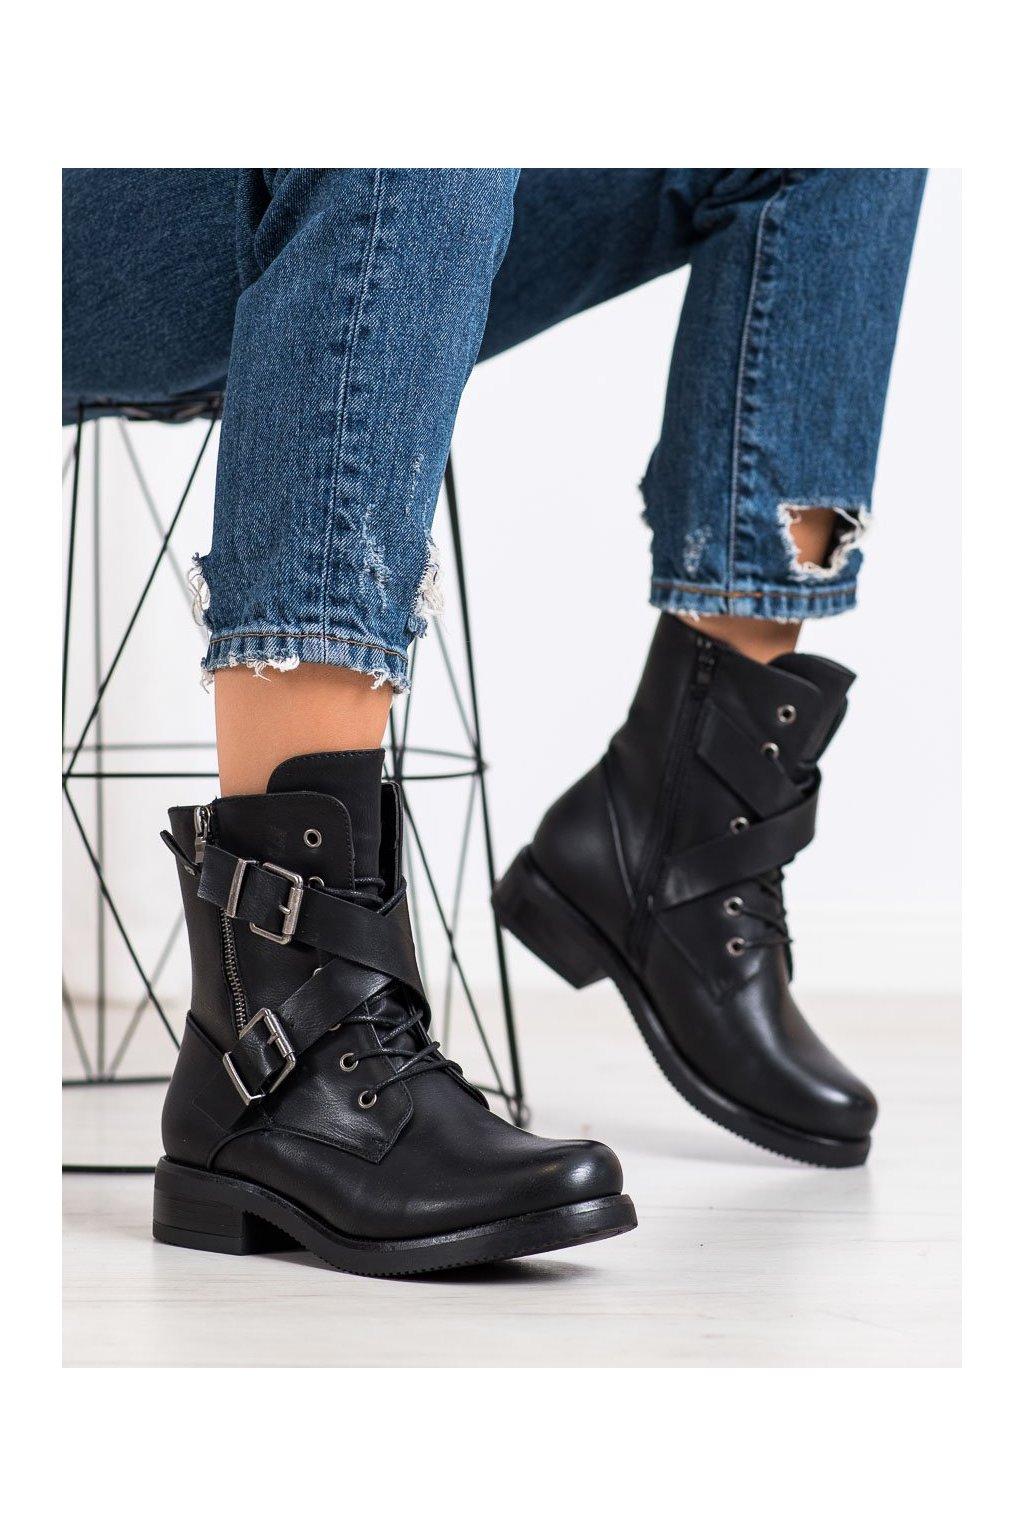 Čierne dámske topánky Kayla kod 88041B